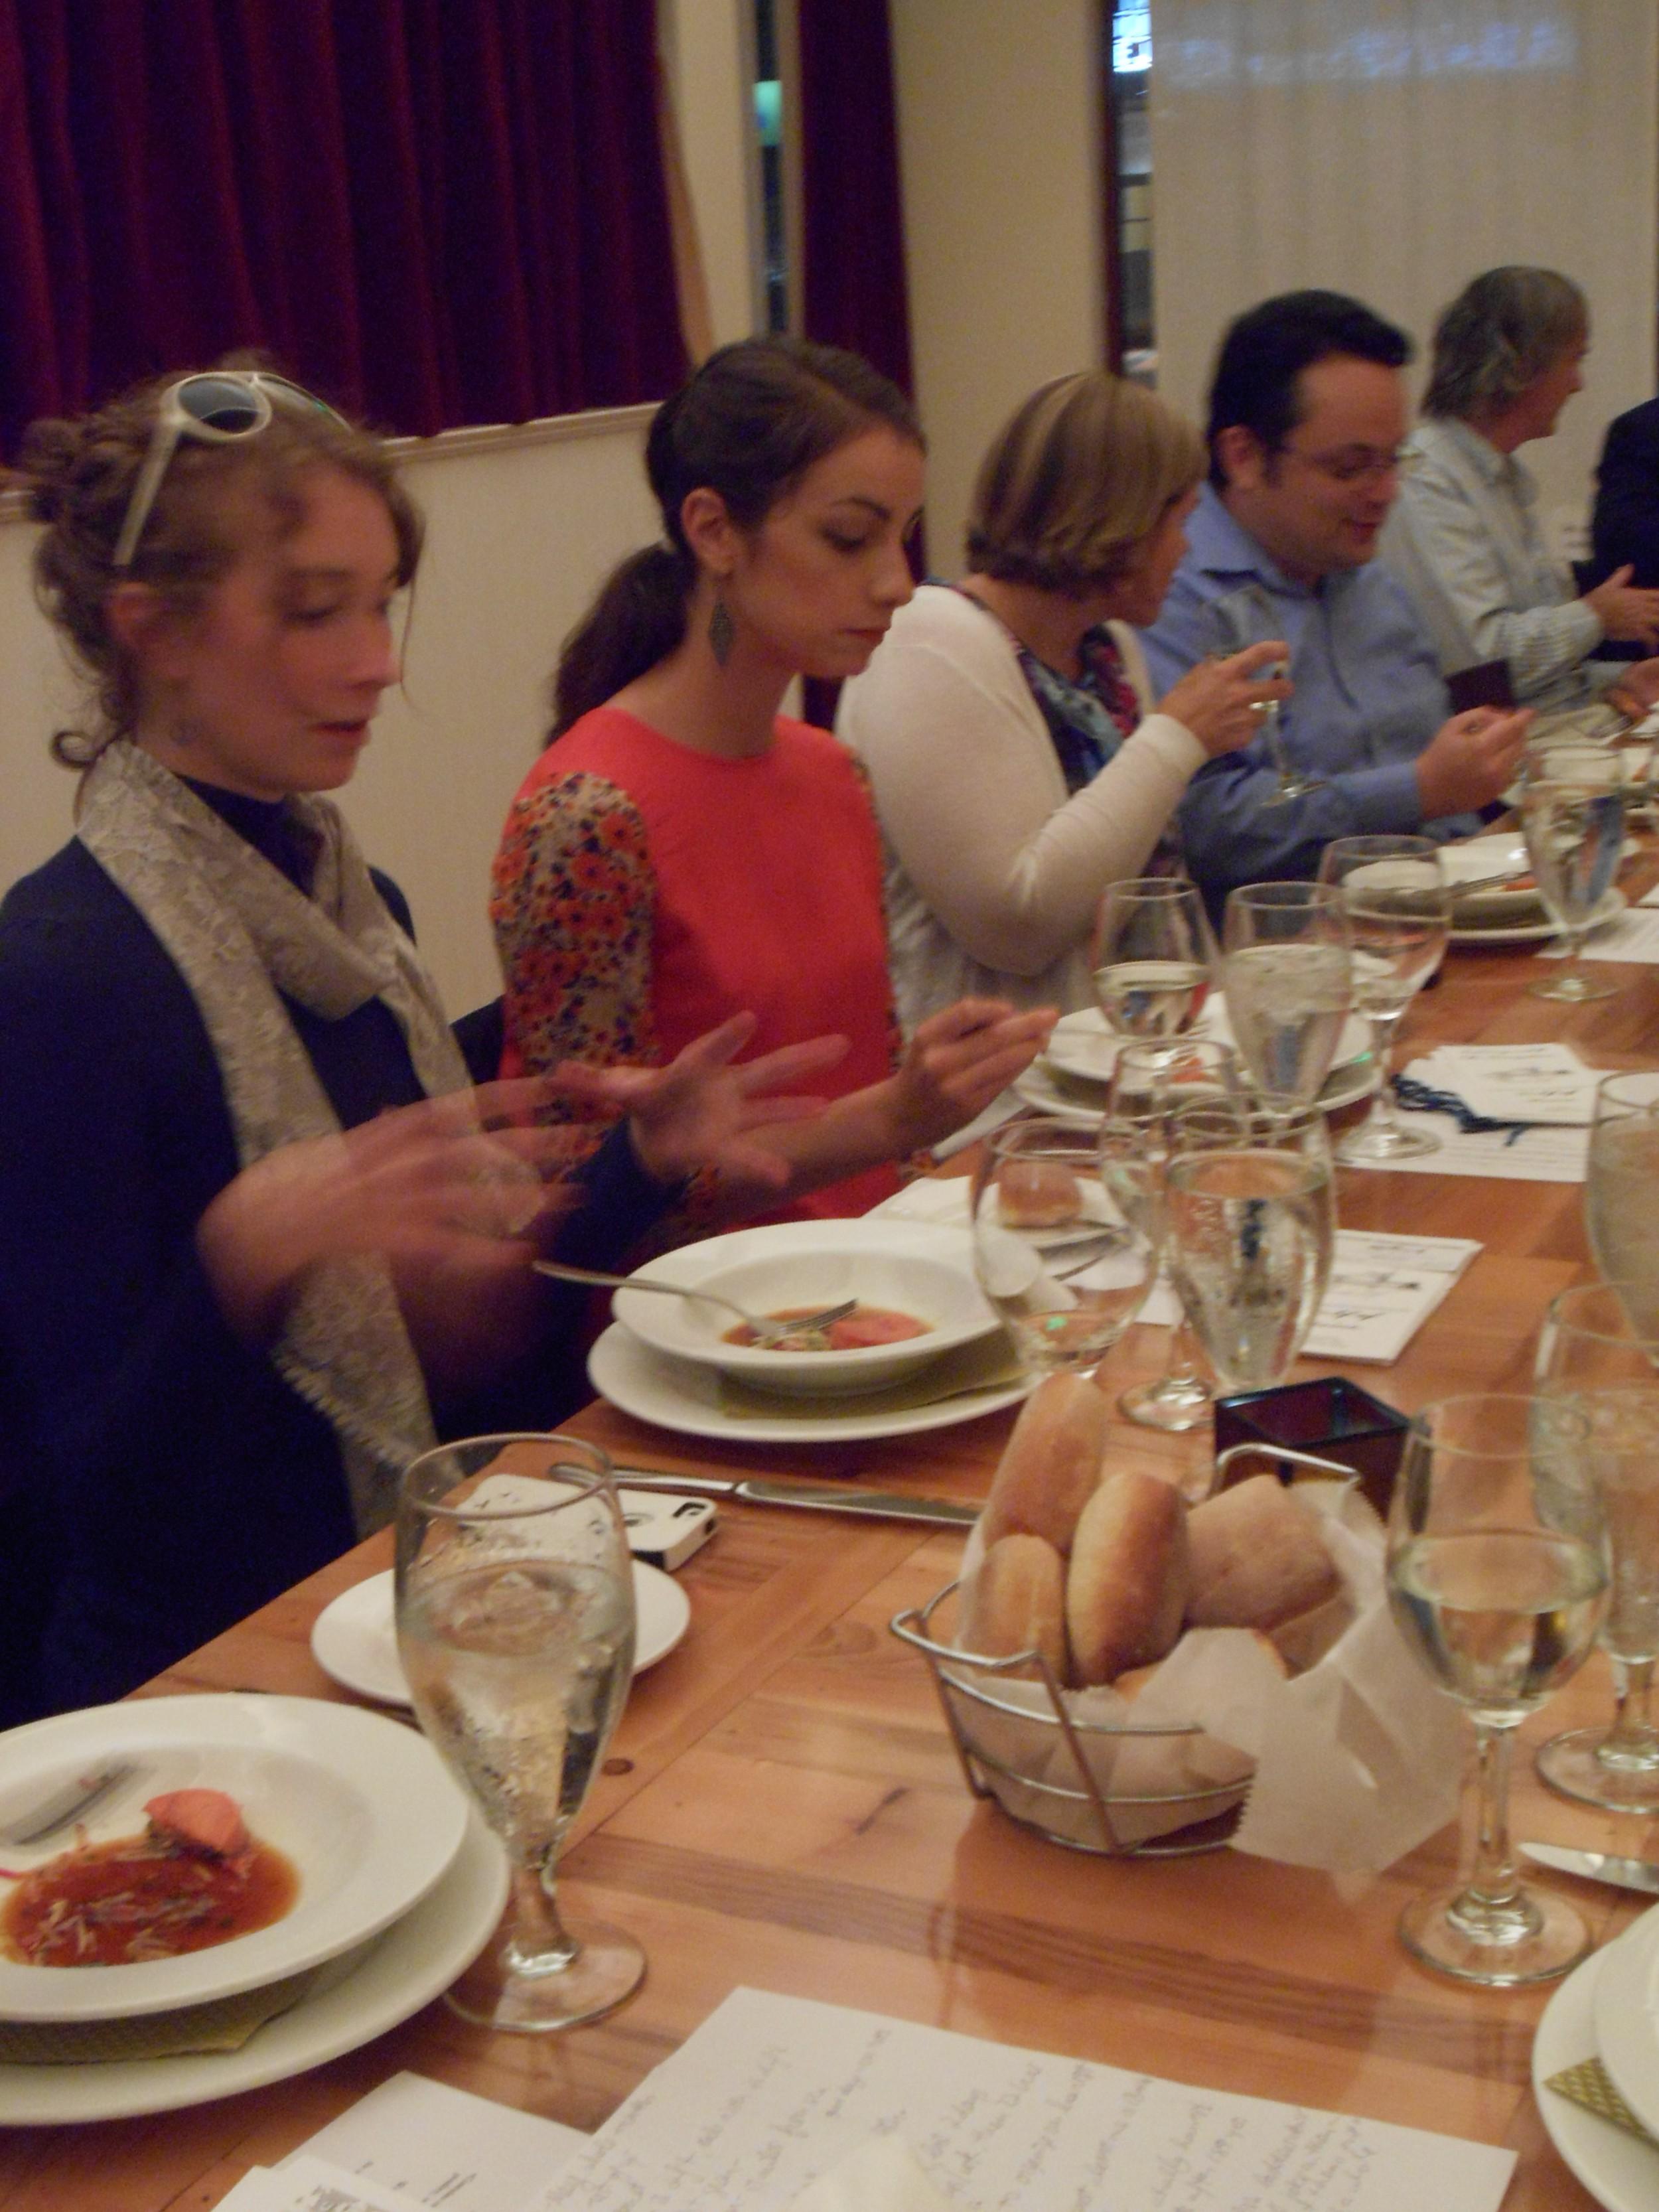 guests eating.jpg